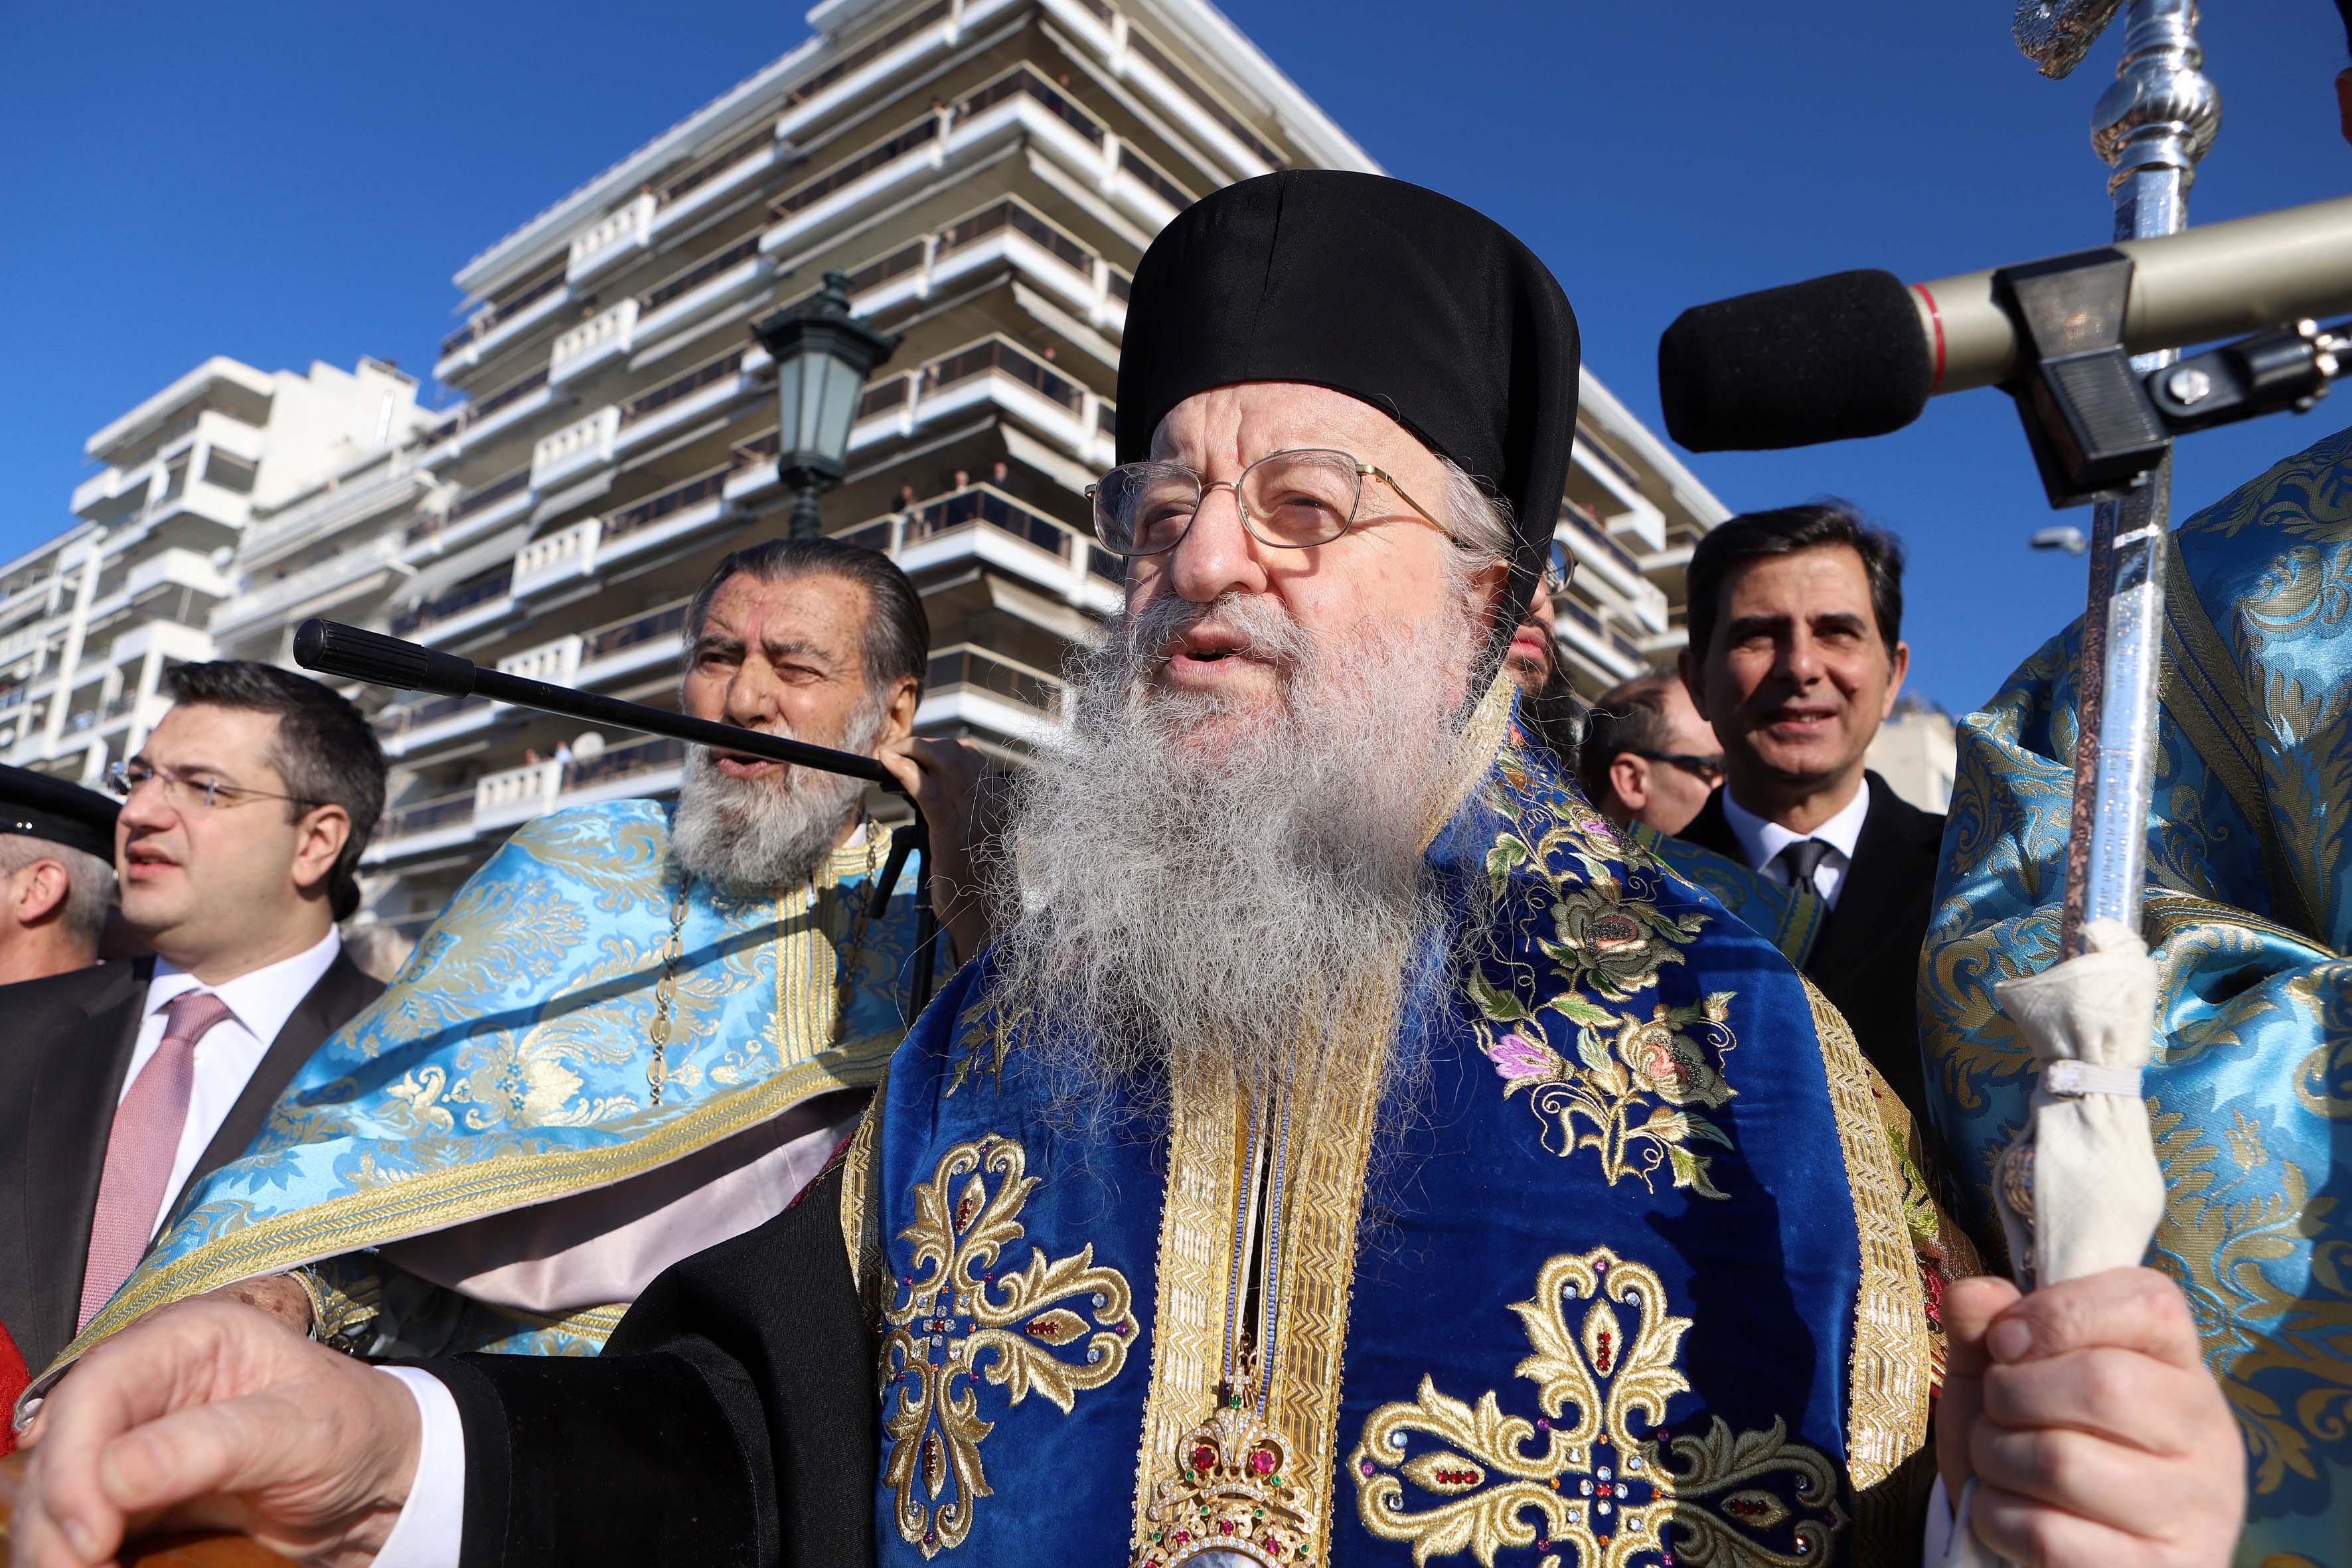 Άνθιμος: Θα τελέσει Θεία Λειτουργία για την πΓΔΜ | tovima.gr